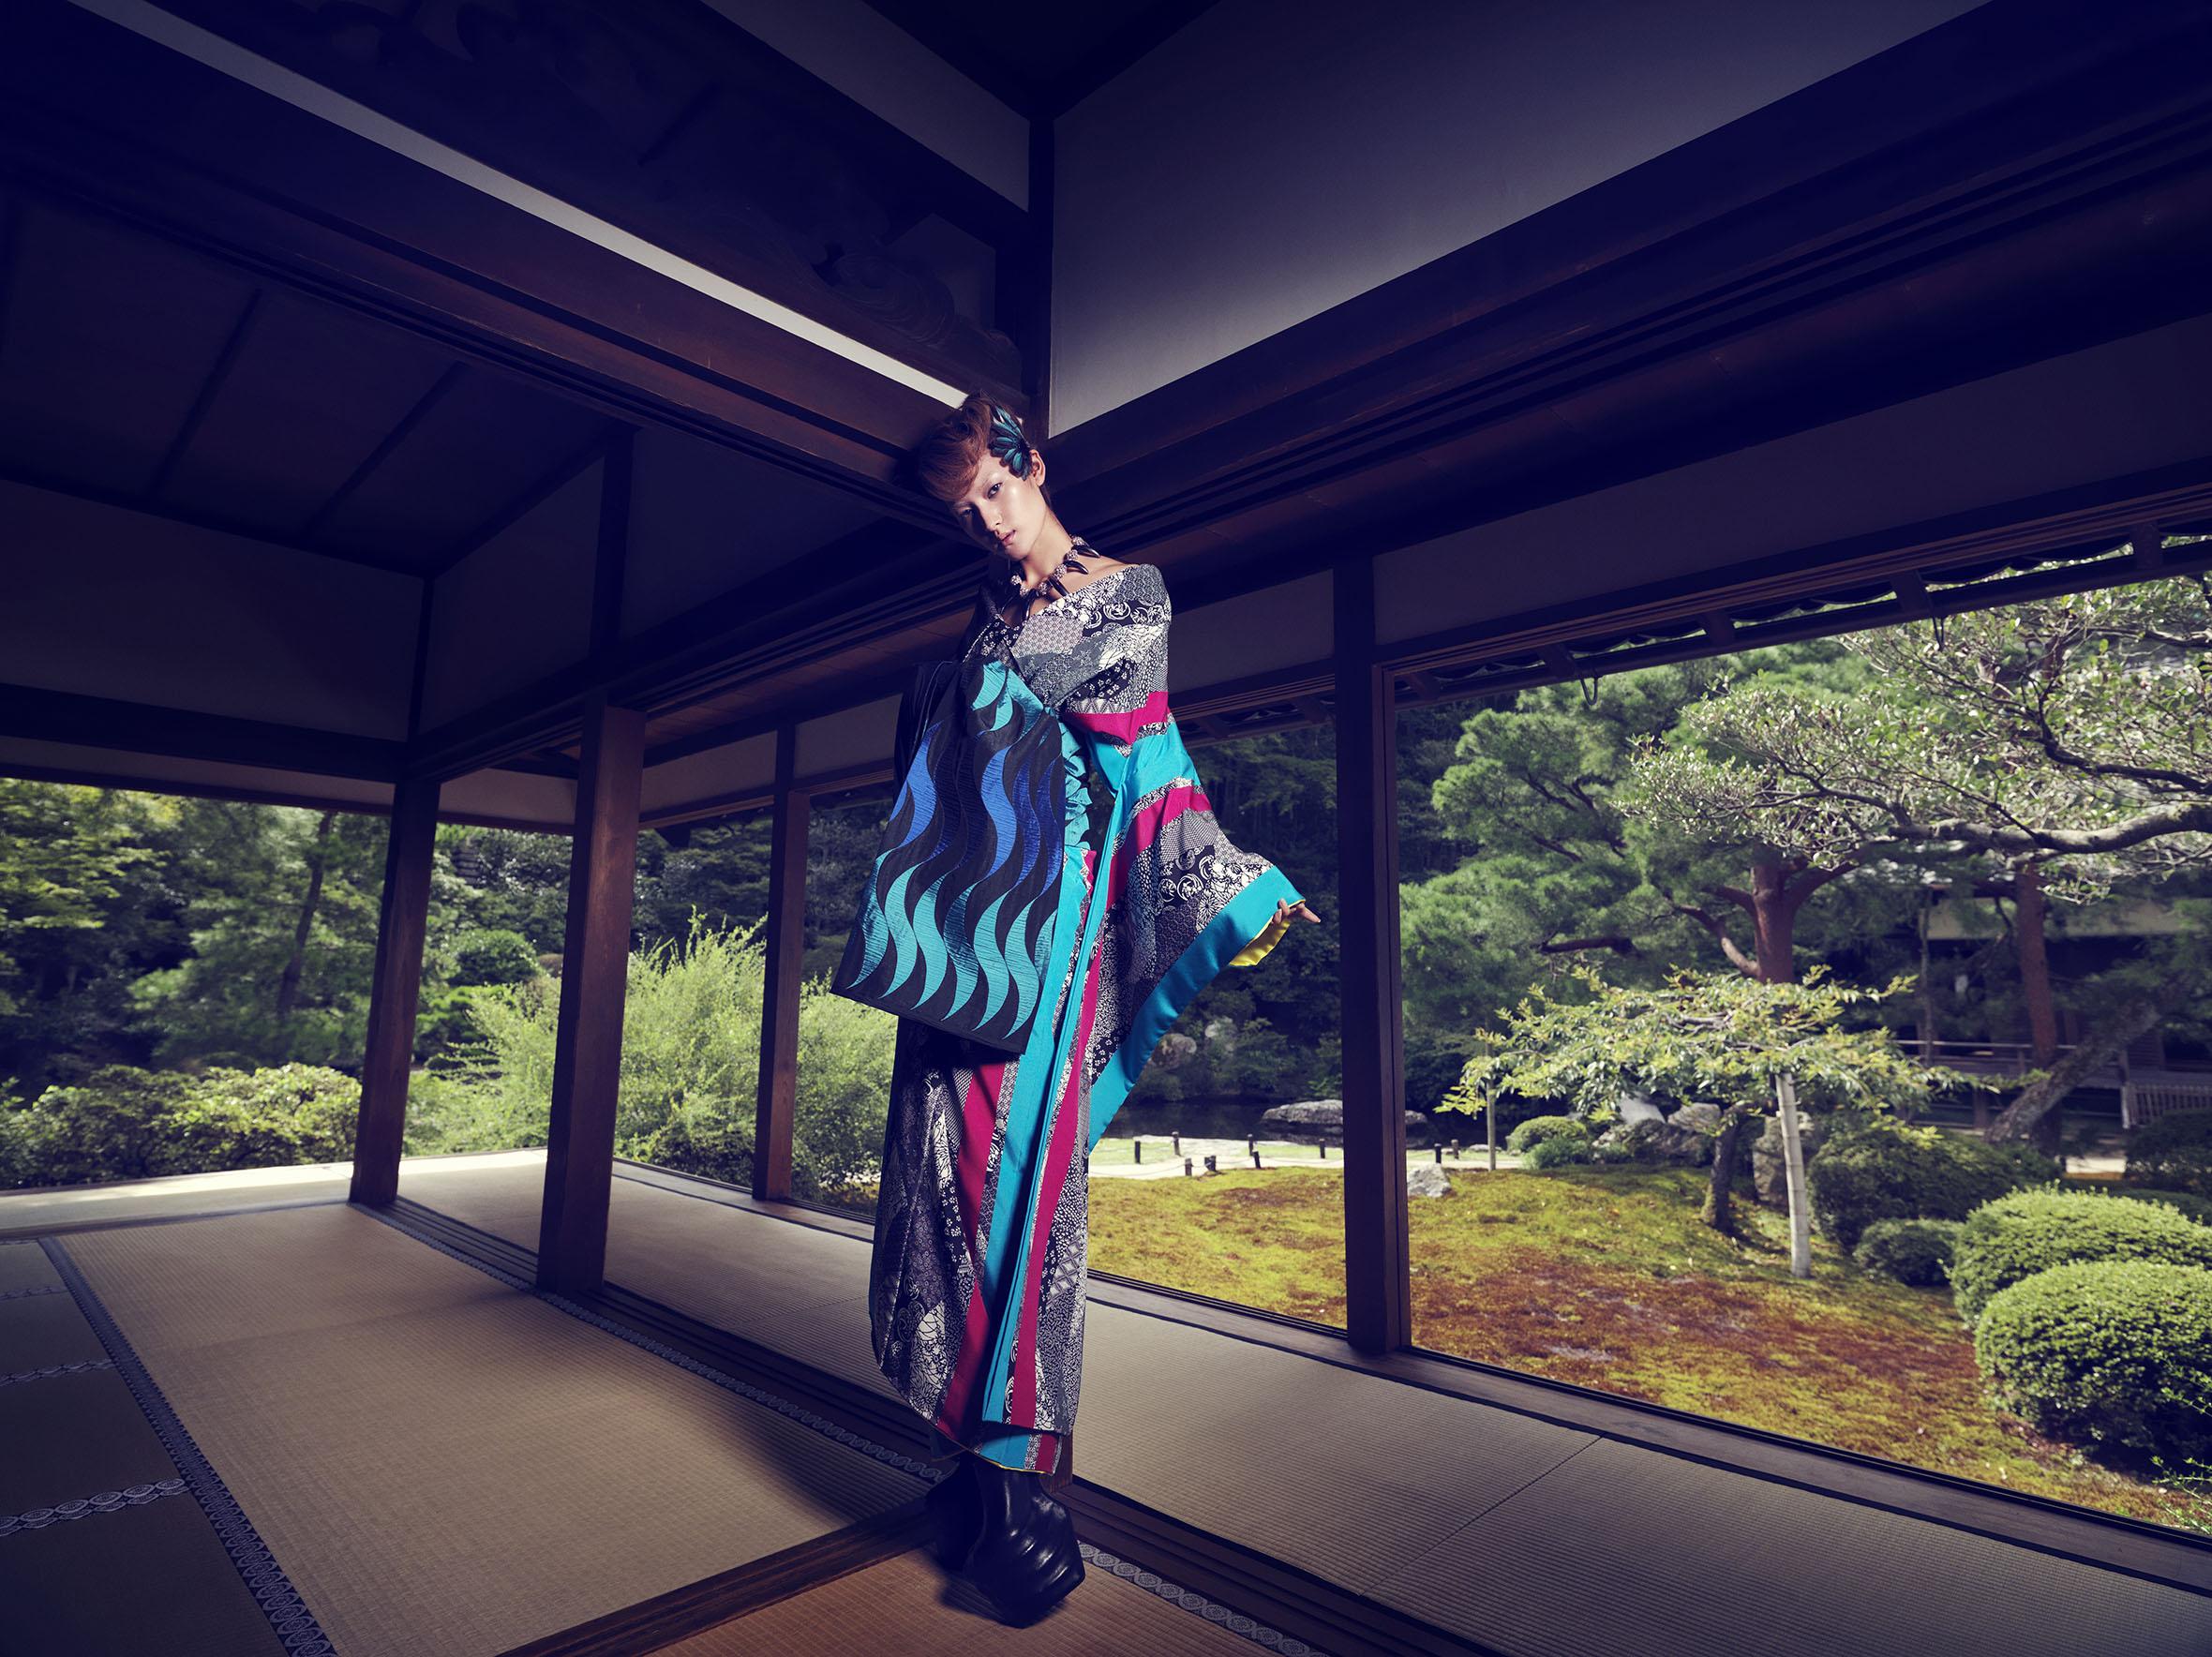 kimono-new-look-%e8%85%b0%e5%a1%9a%e5%85%89%e6%99%83-%e8%a5%bf%e5%b2%a1%e3%83%9a%e3%83%b3%e3%82%b7%e3%83%ab